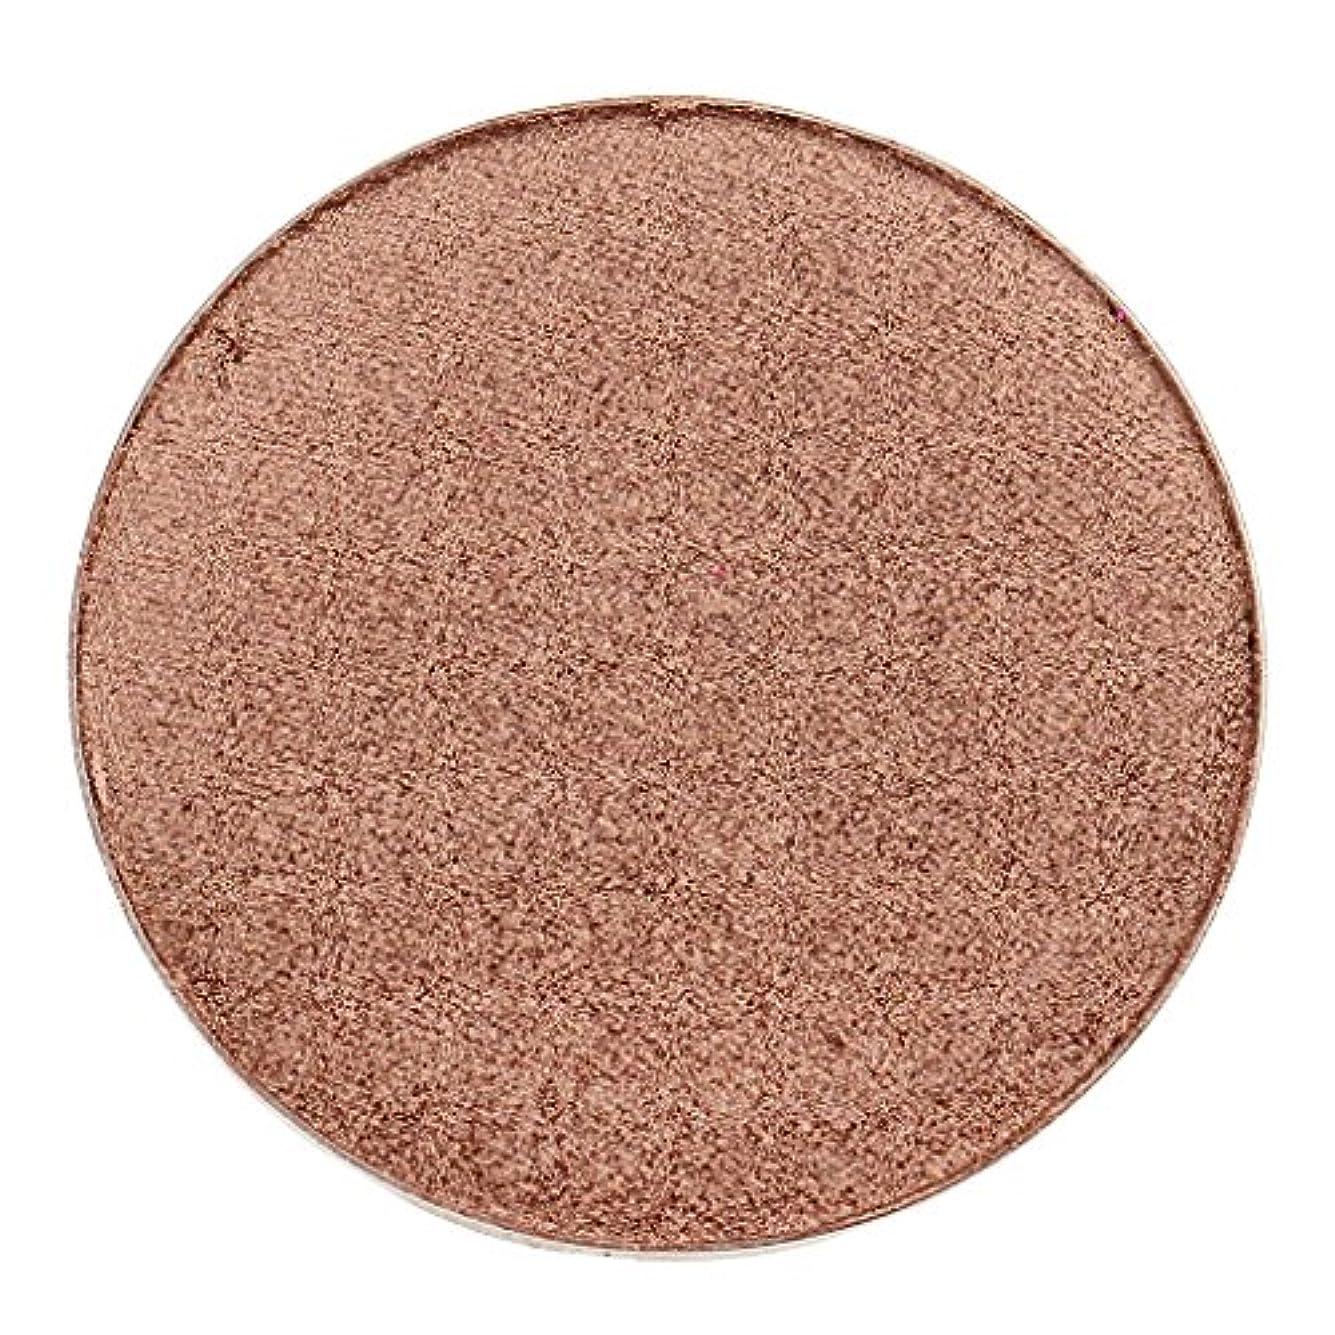 外部ほとんどの場合削除するキラキラアイシャドーパレット化粧アイシャドーメイクアップパウダー - #39ブラウン